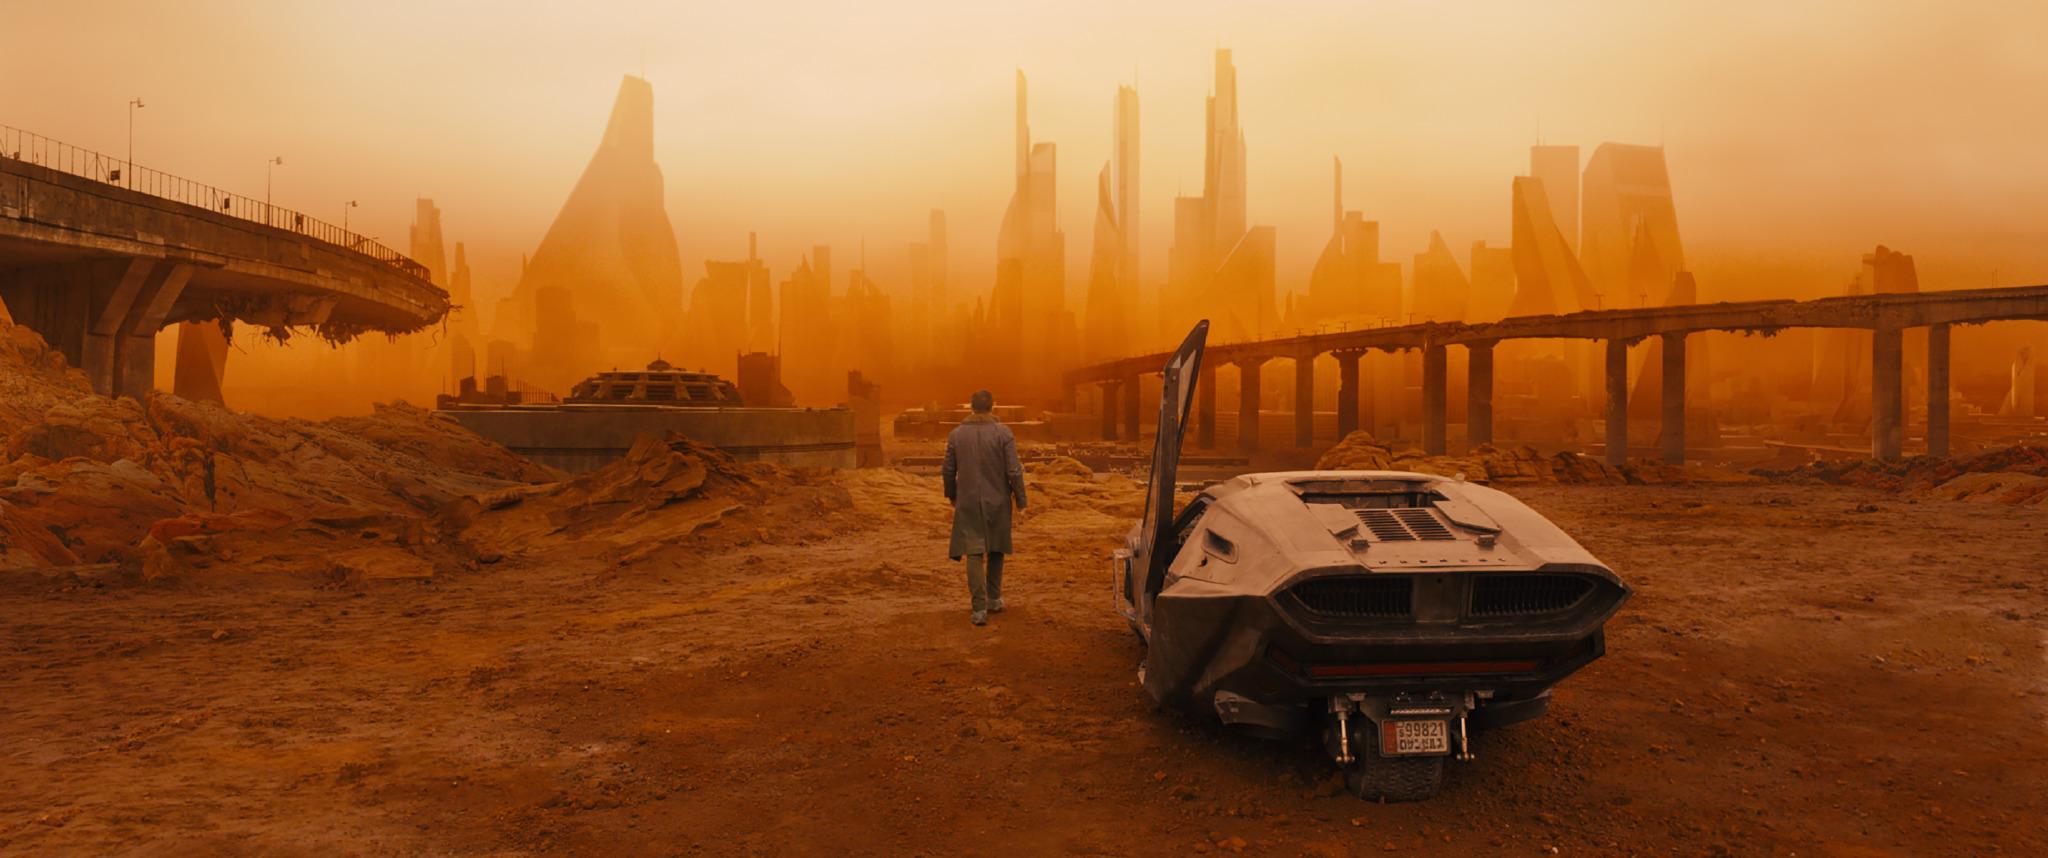 Napozerajte si filmy od režiséra Blade Runnera 2049